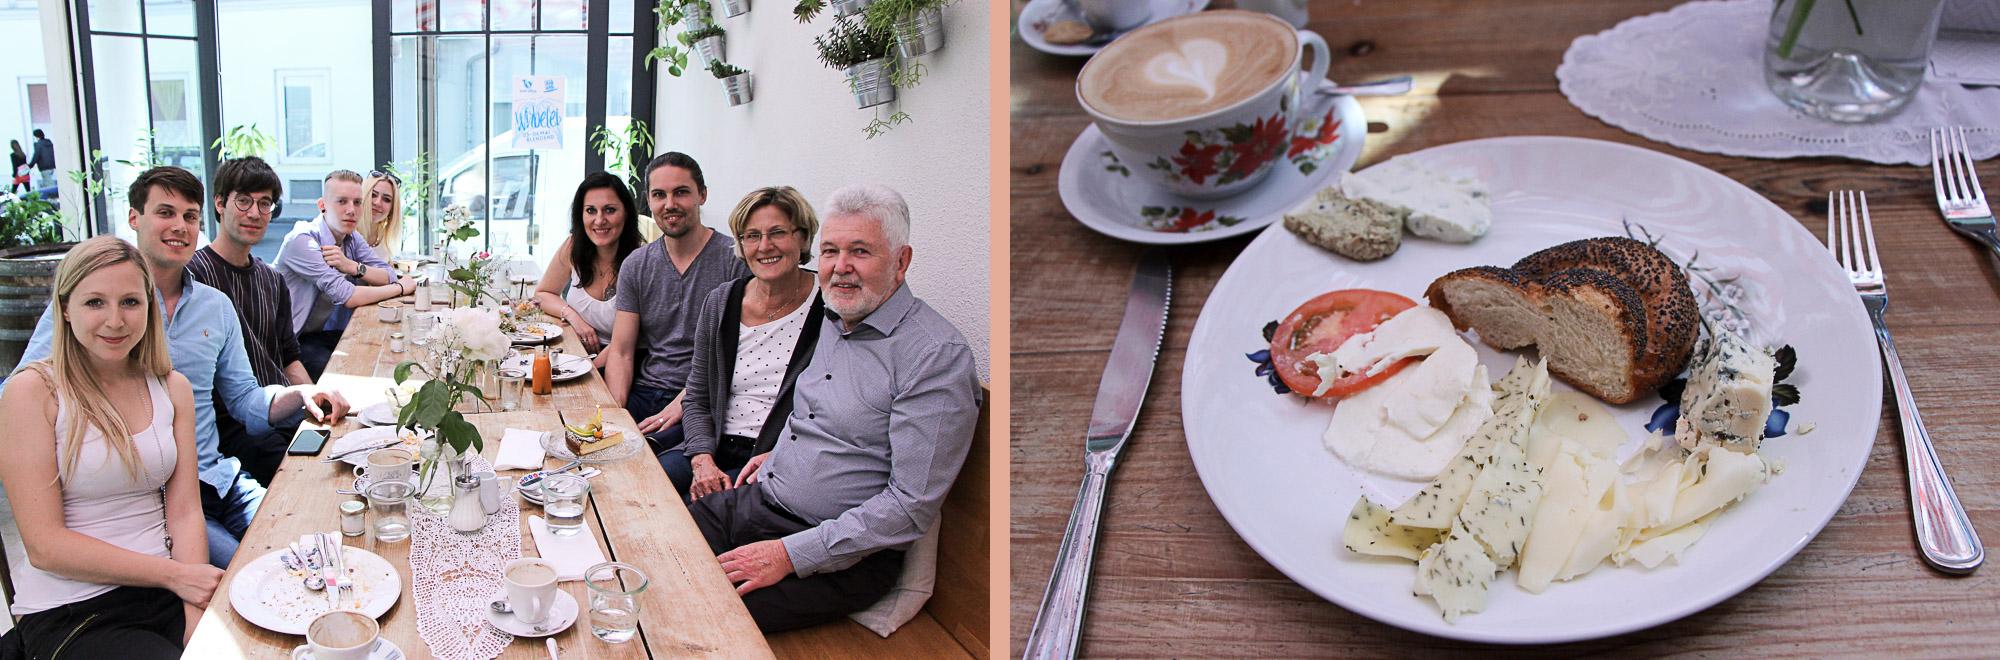 LIFESTYLE: Frühstücken und Brunchen in Graz - Miss Classys liebste Frühstückslokale, Miss Classy, Lifestyle Blog Graz, Graz, Steiermark, Österreich, classy, beclassy, Frühstück, Brunch, Sonntagsbrunch, Frühstücksbuffet, Blendend, Lendplatz, regionales Frühstück, regionale Produkte, Frühstück mit der Familie, Familienfrühstück